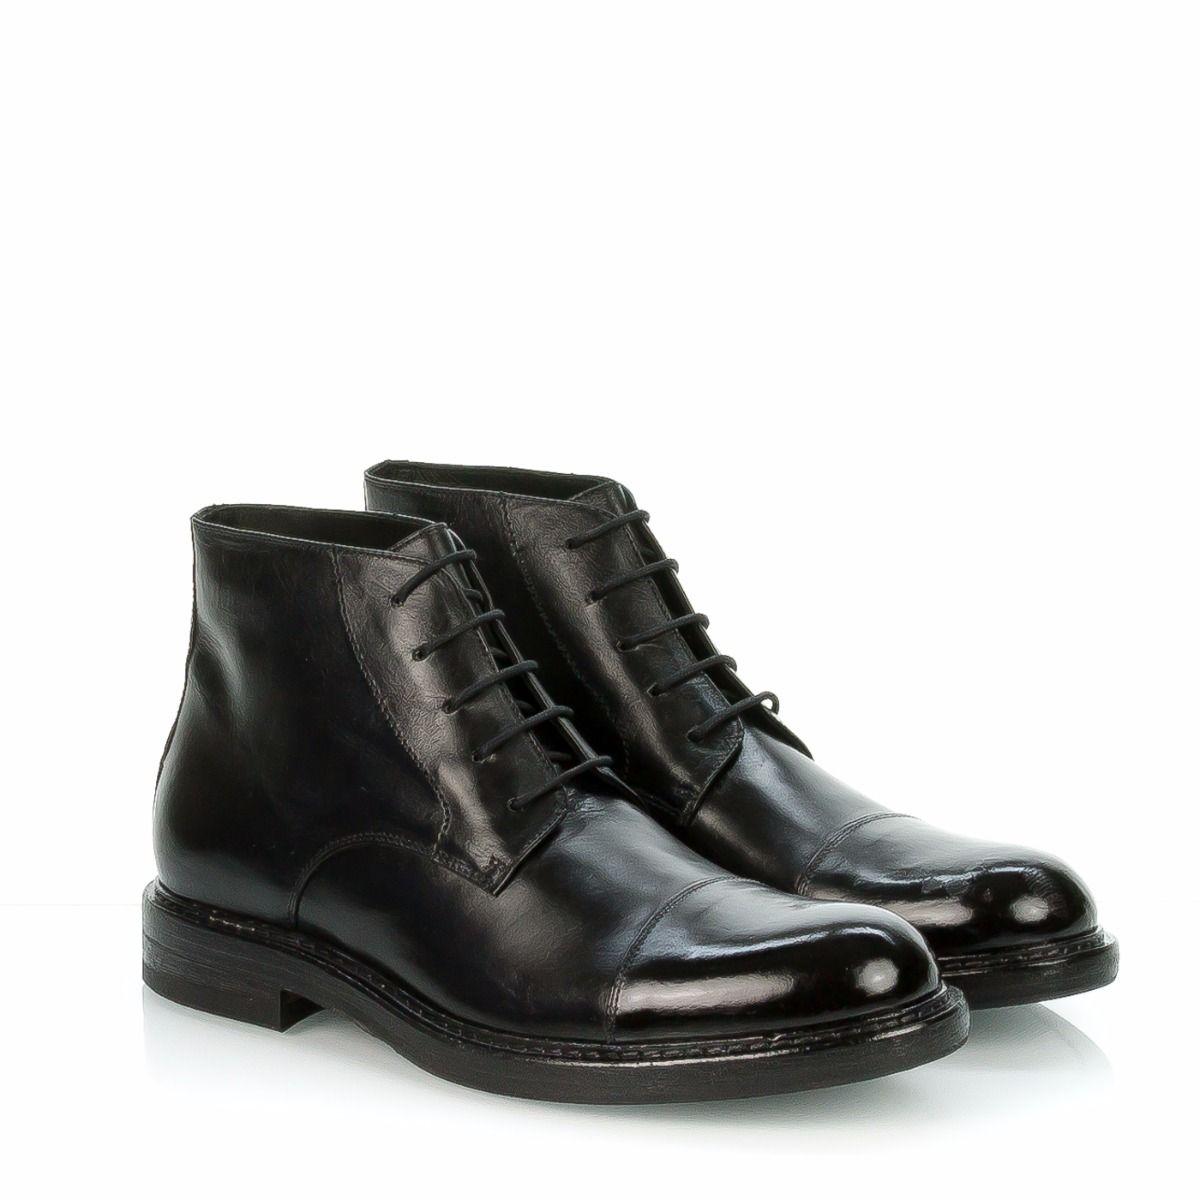 44da3081d3 HUNDRED 100|scarpa stringata alta uomo|M880-09|vitellino nero|pelle ...